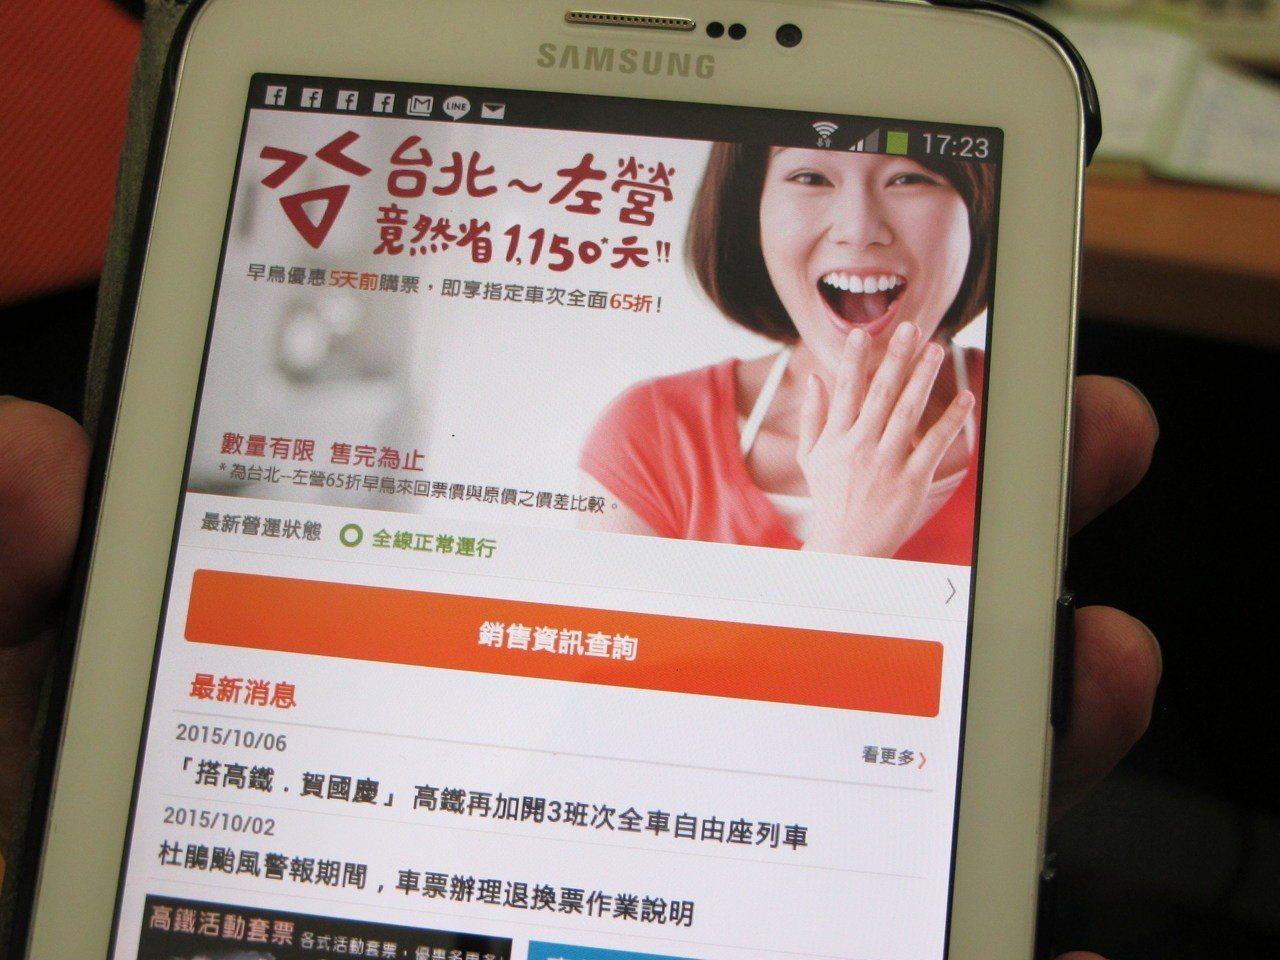 購票App遭駭,高鐵將對不法行為人追訴民、刑事責任。 圖/聯合報系資料照片